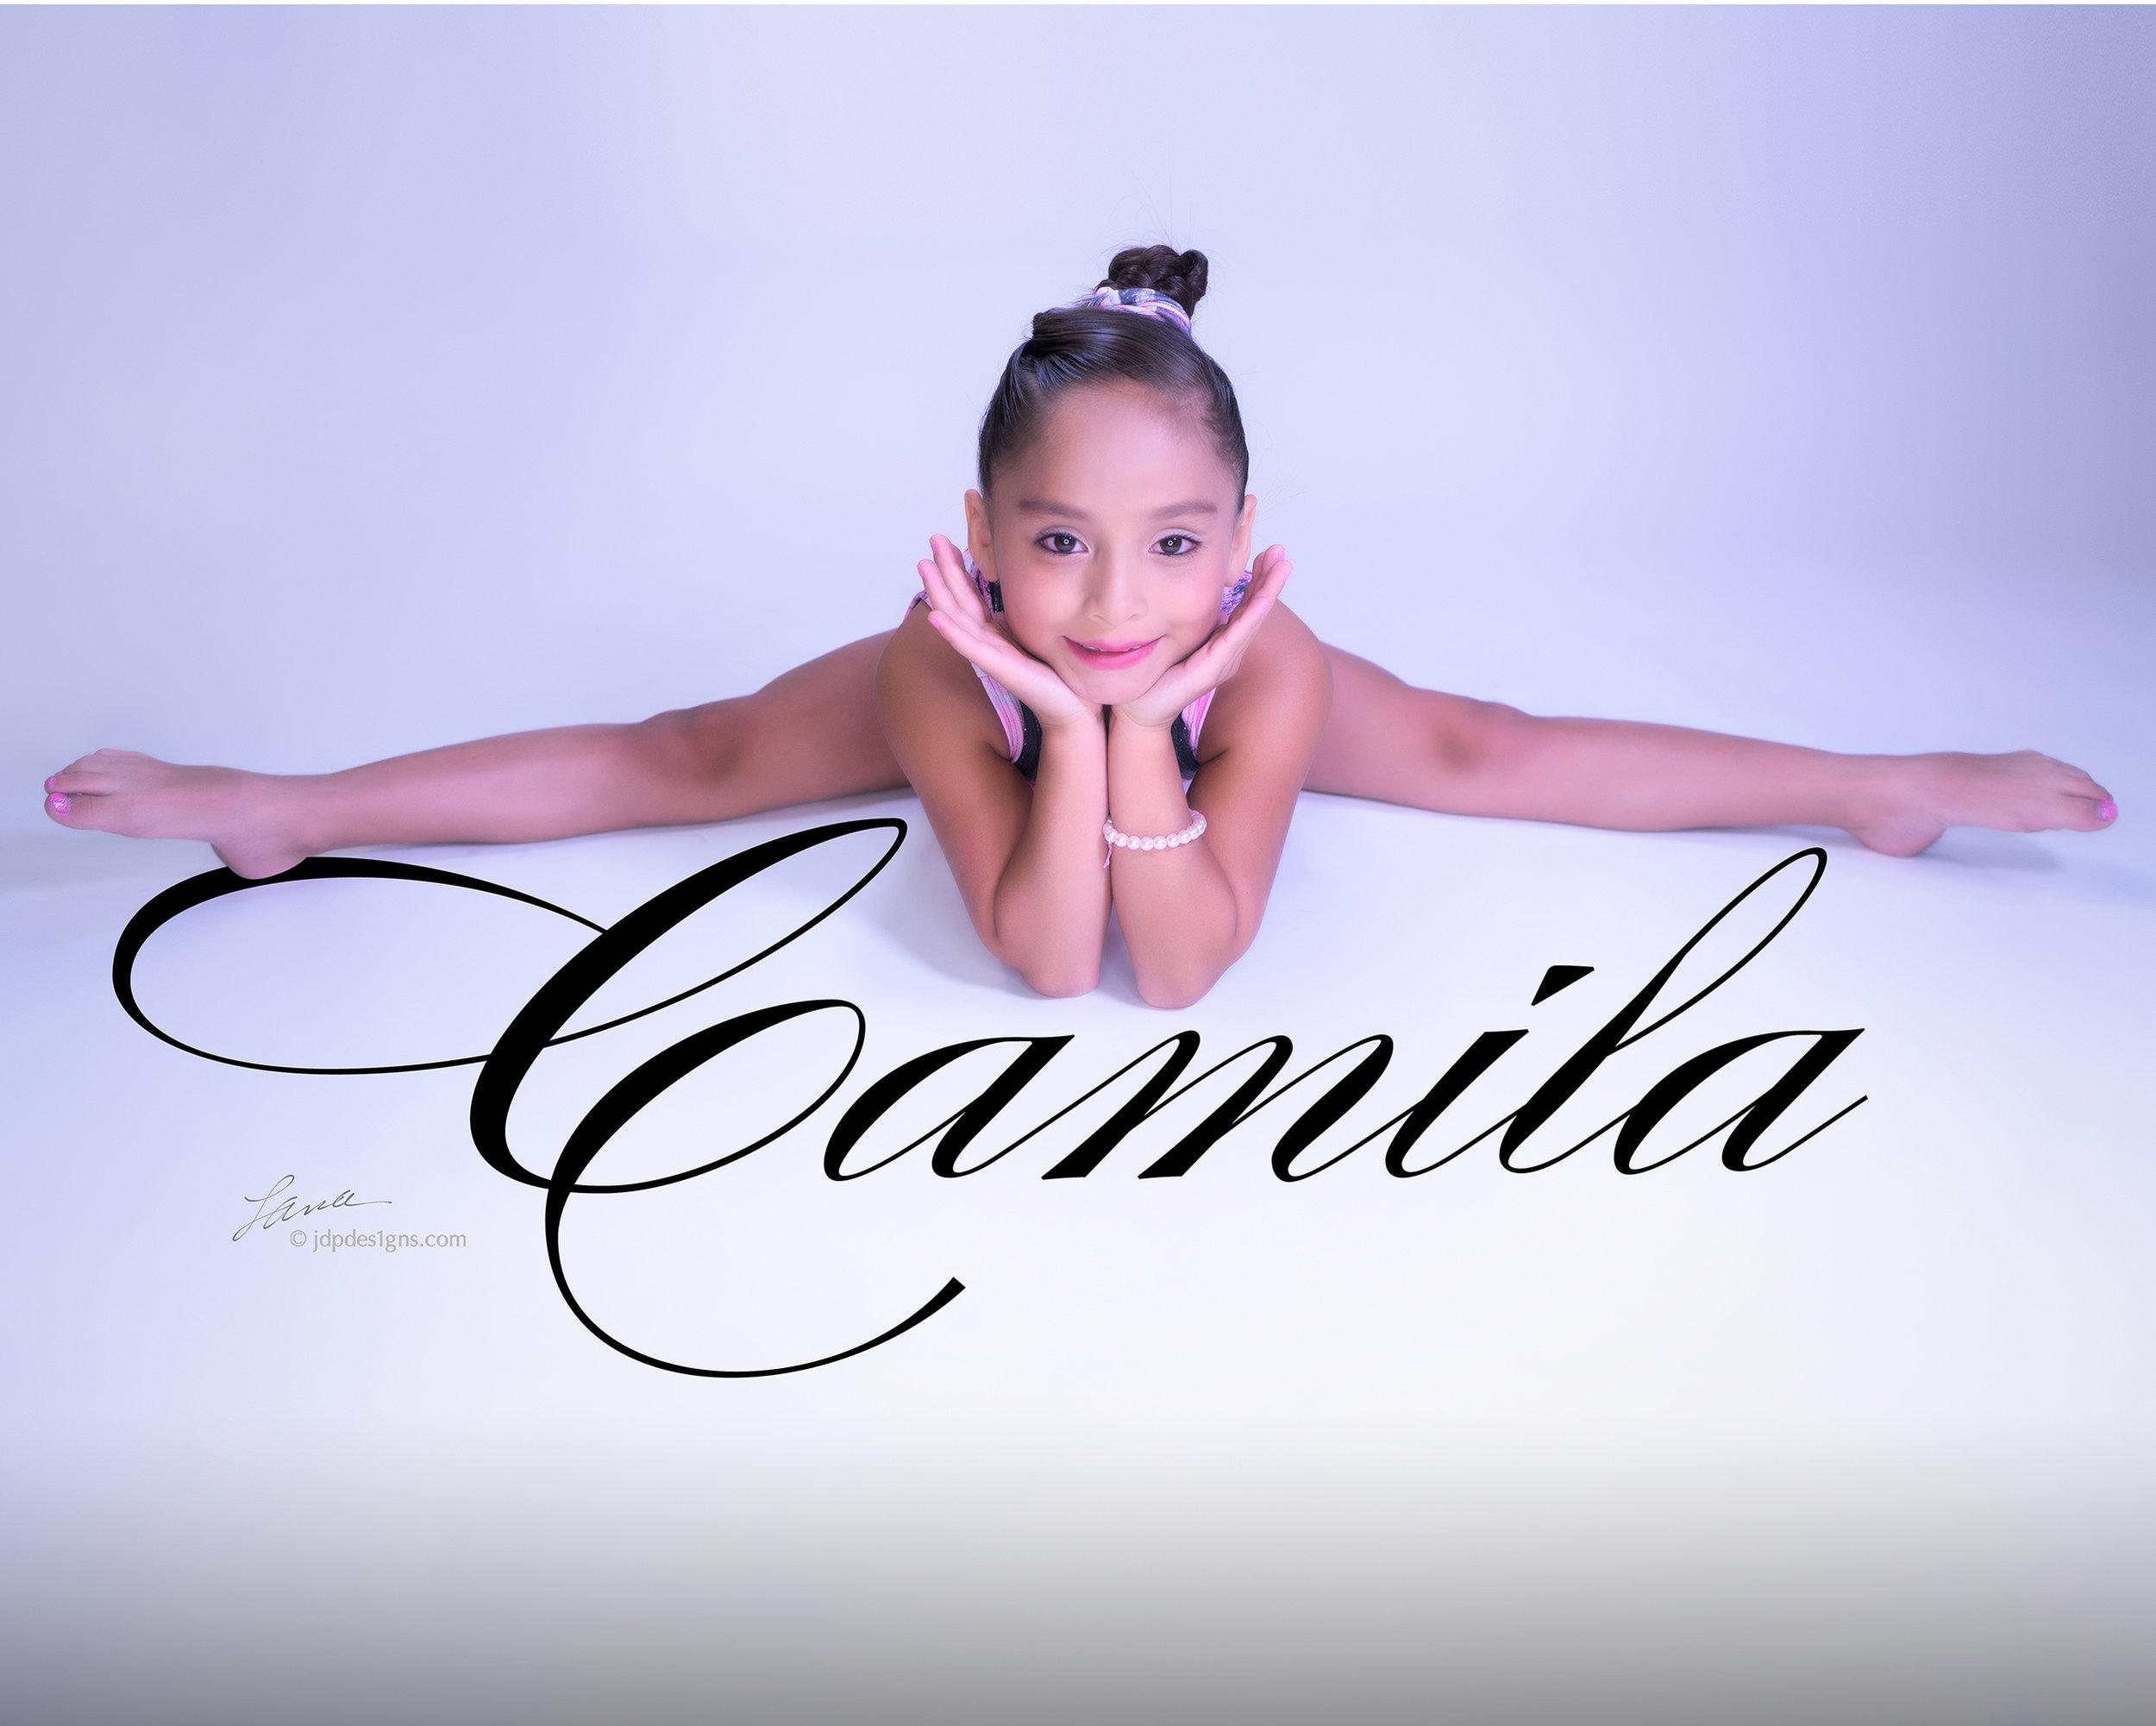 Camila Splits Name Poster.jpg